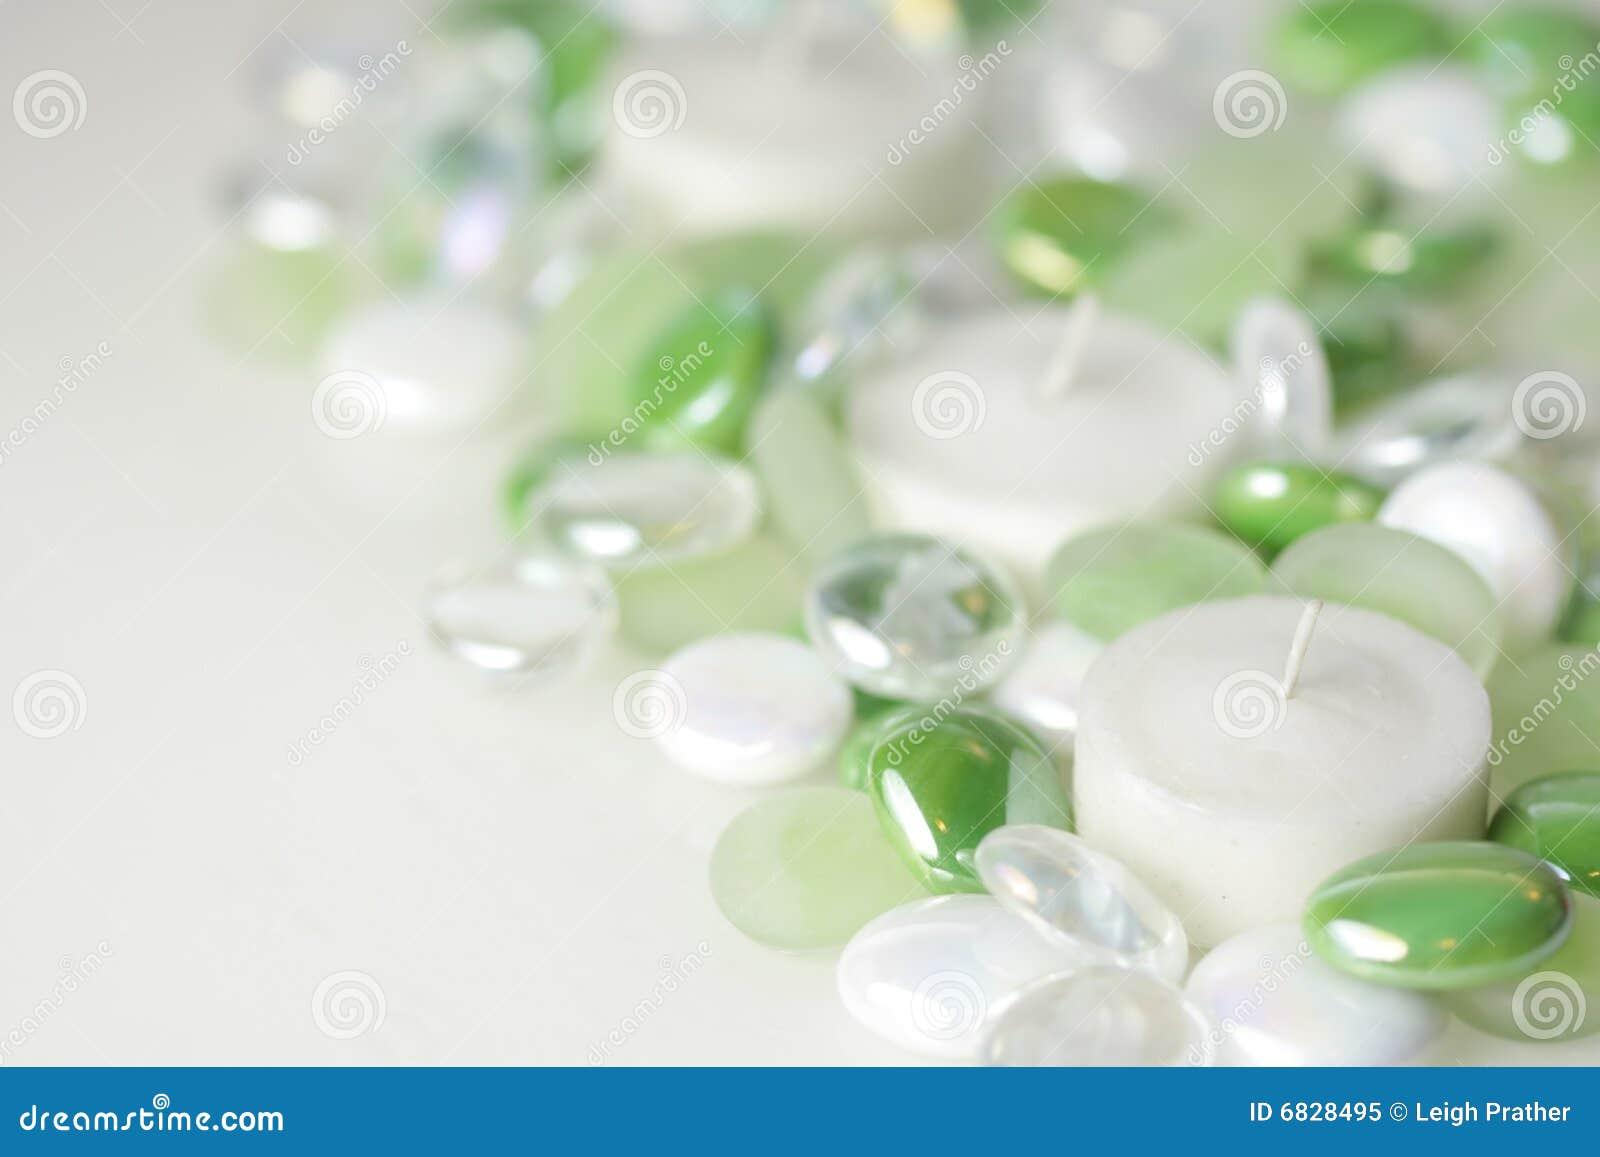 玻璃小珠的蜡烛